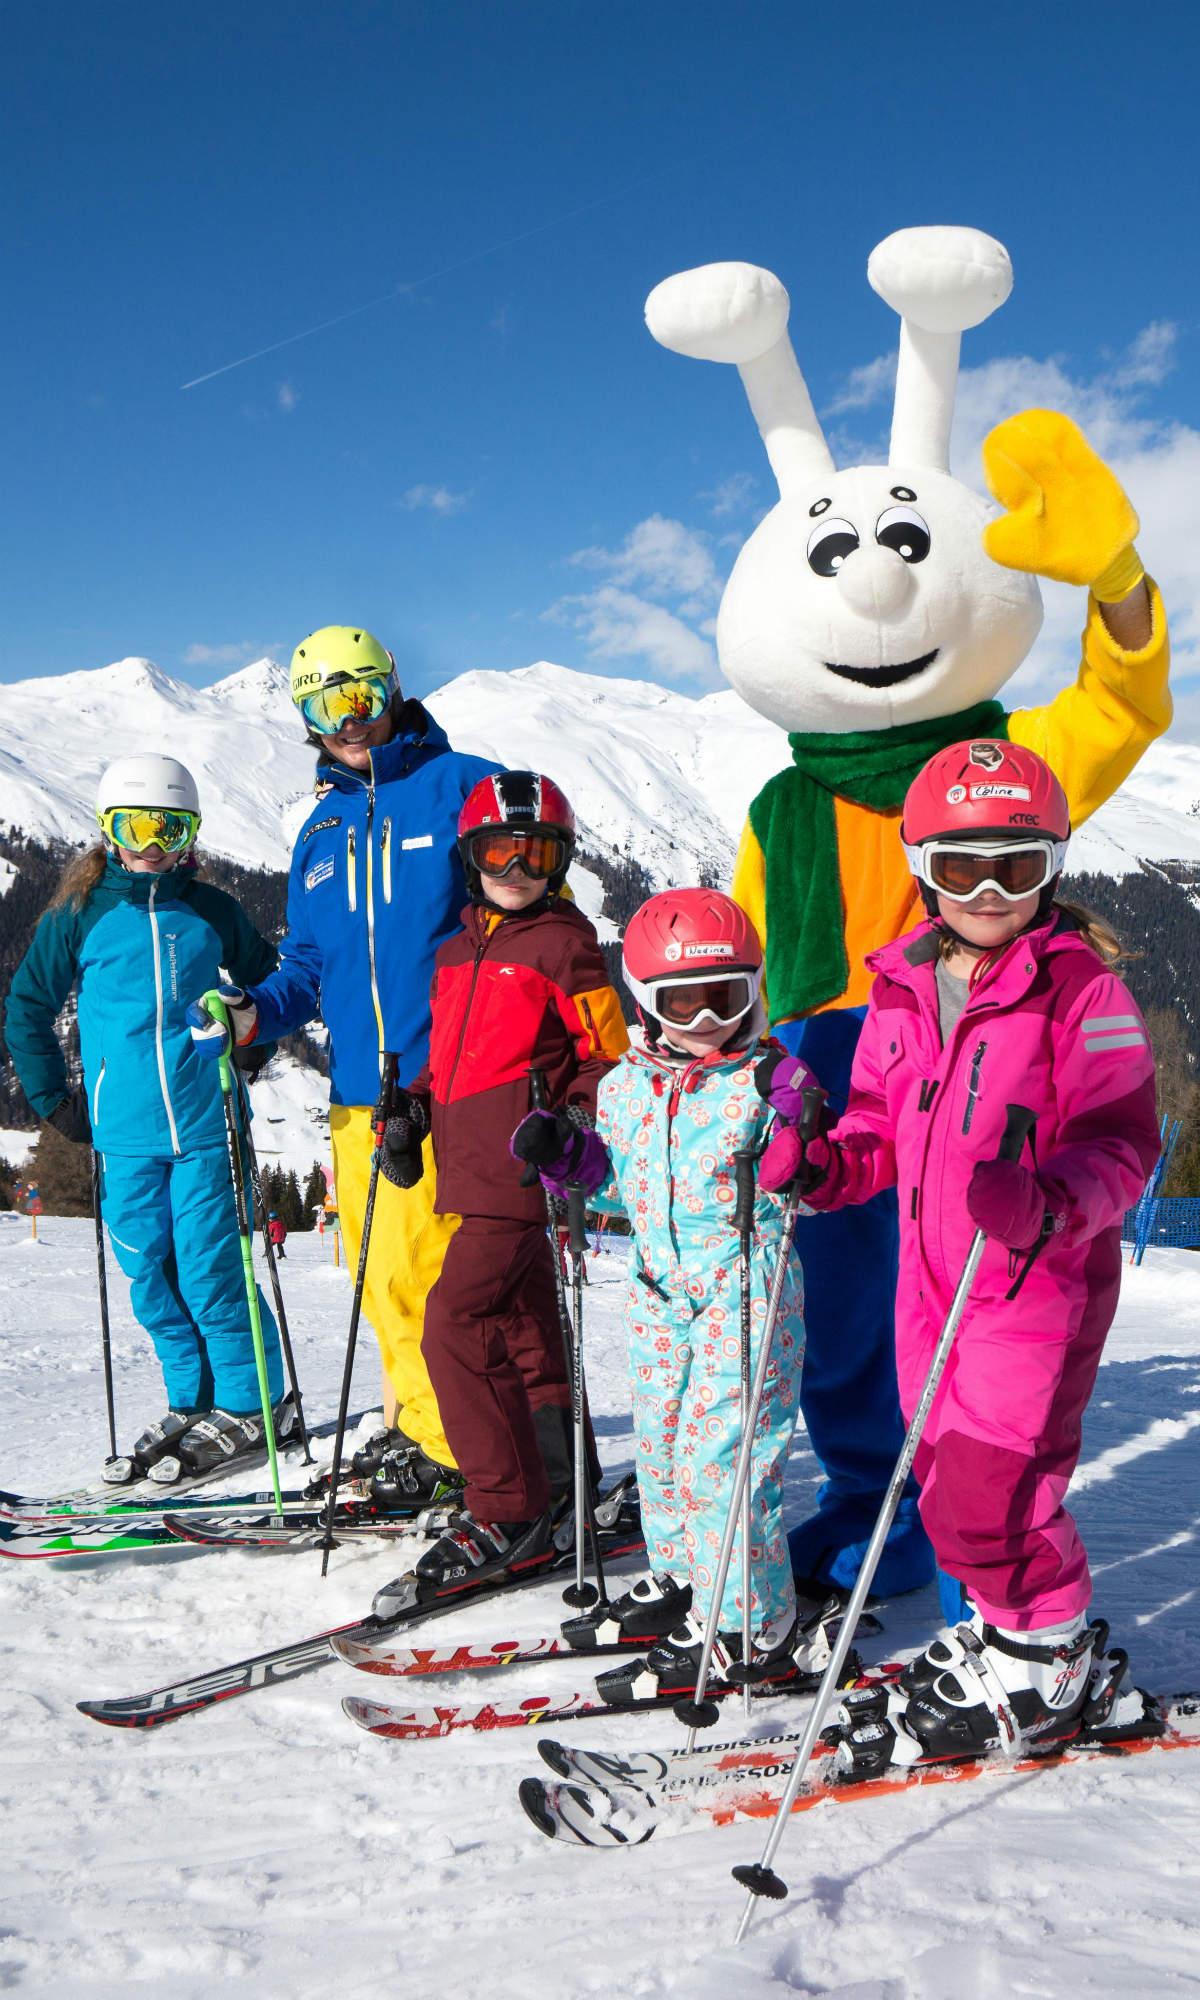 Kinder beim Skikurs gemeinsam mit Maskottchen Snowli in Davos.